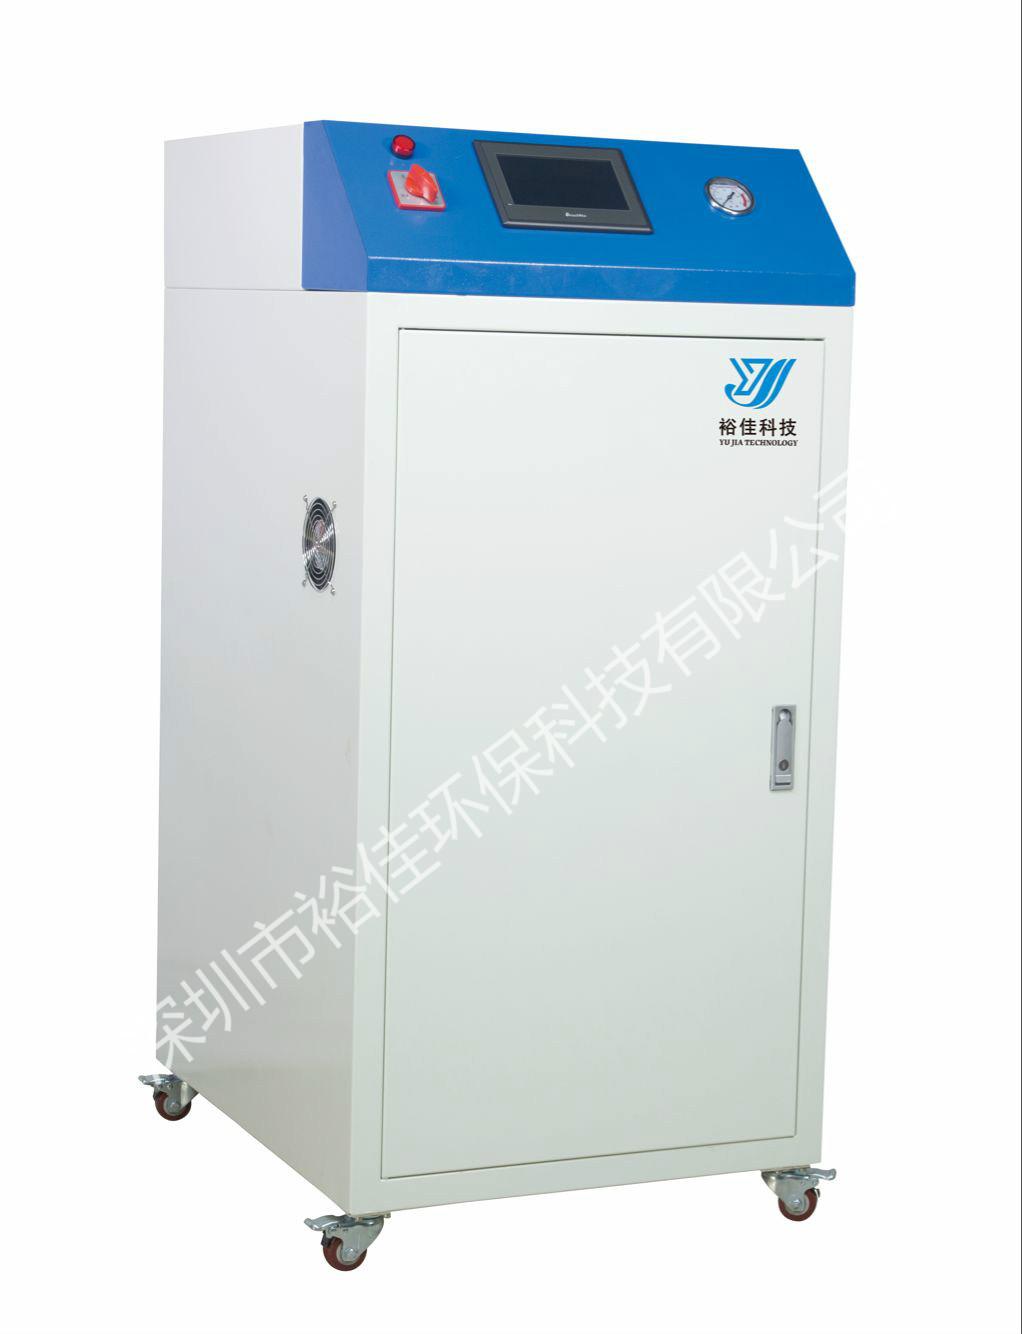 深圳市裕佳环保供应CTP冲版水过滤器YJ-500